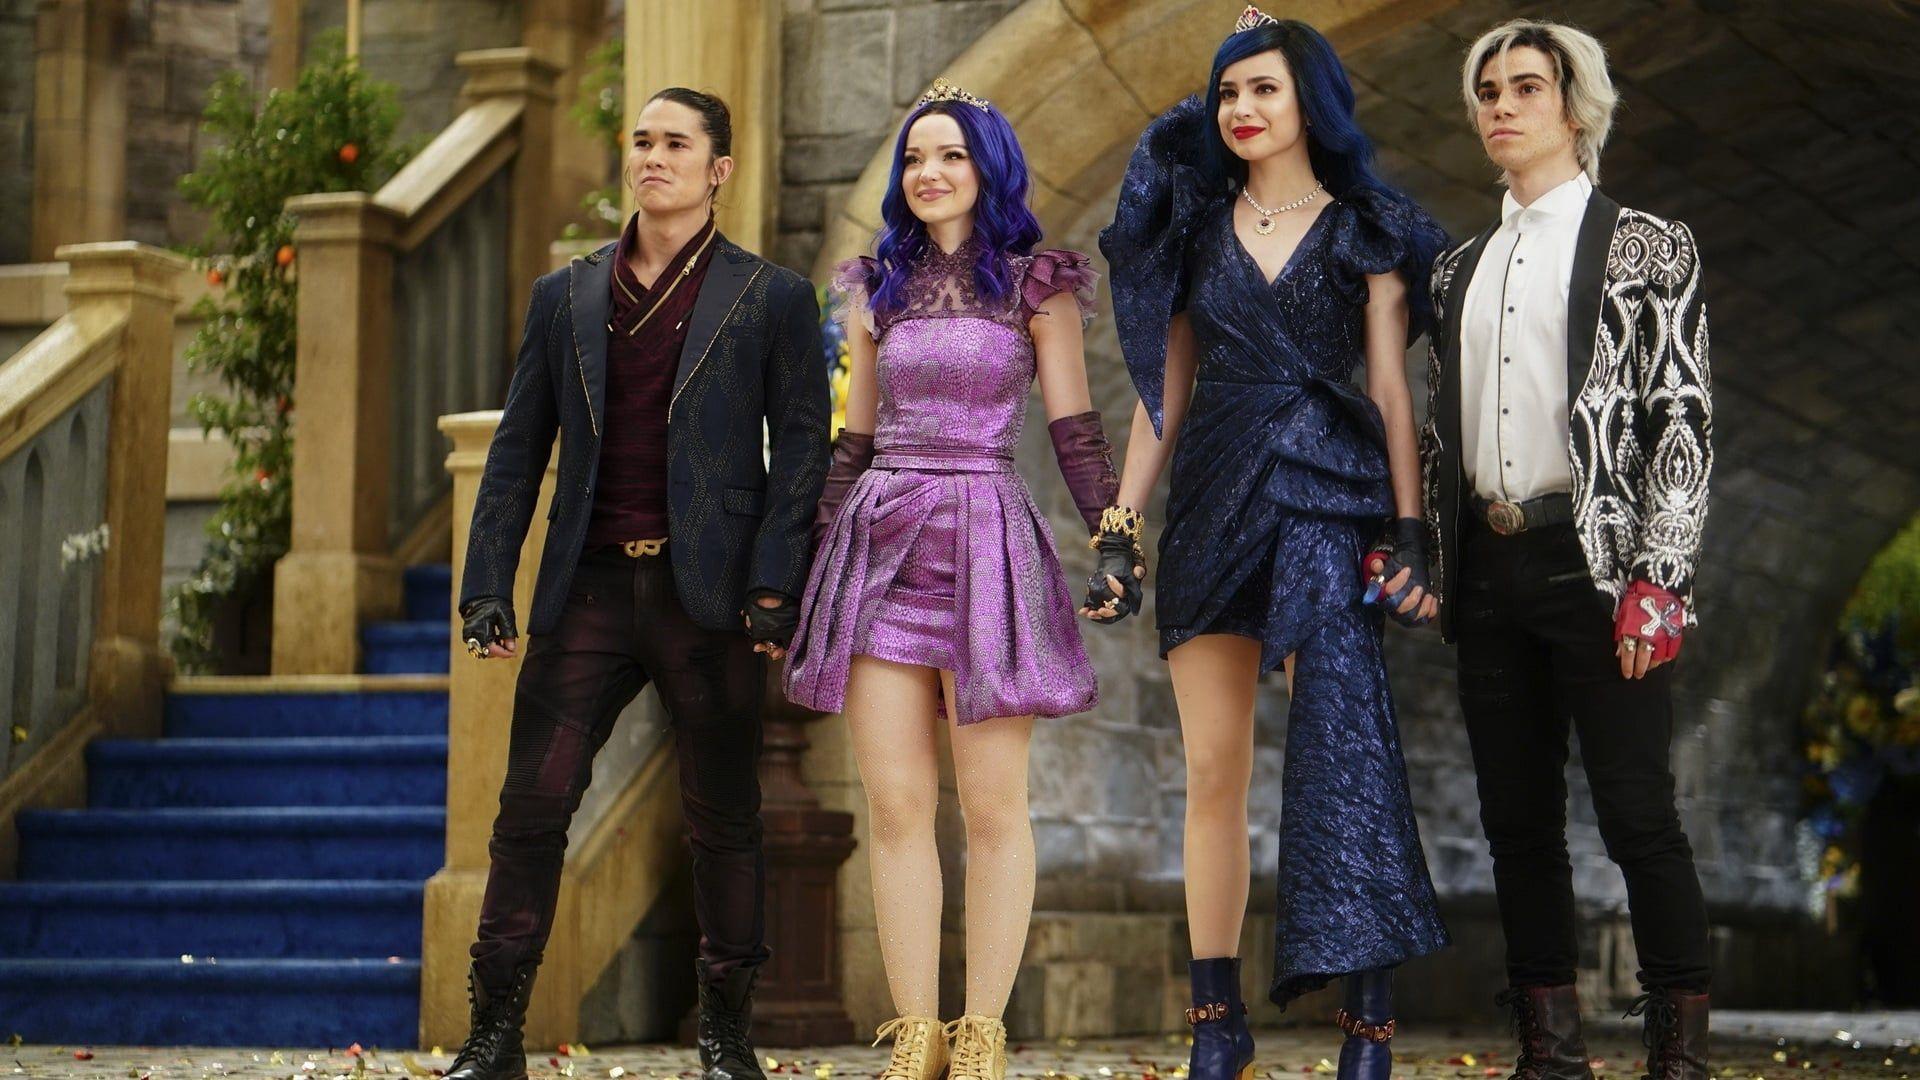 Watch Descendants 3 2019 Full Movie Online Free Disney Descendants Disney Decendants Disney Descendants 3